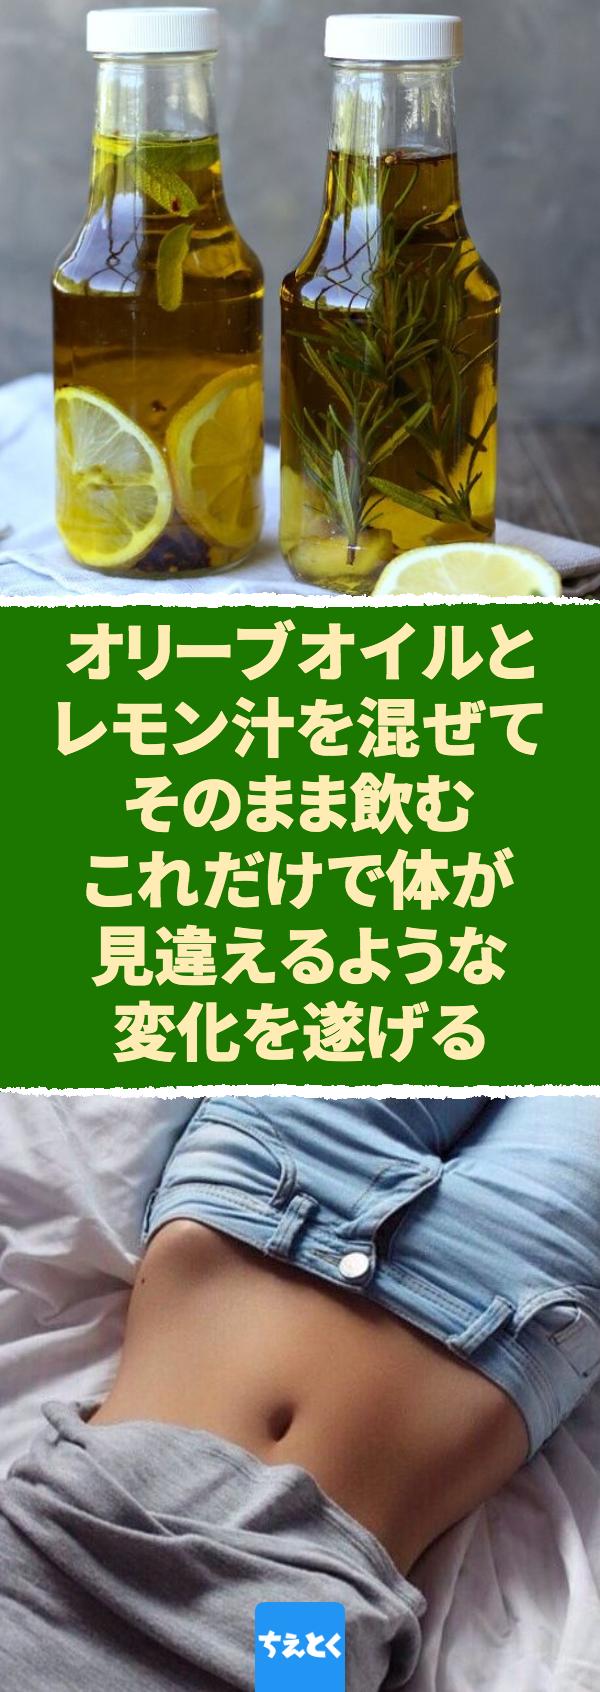 効果 レモン 汁